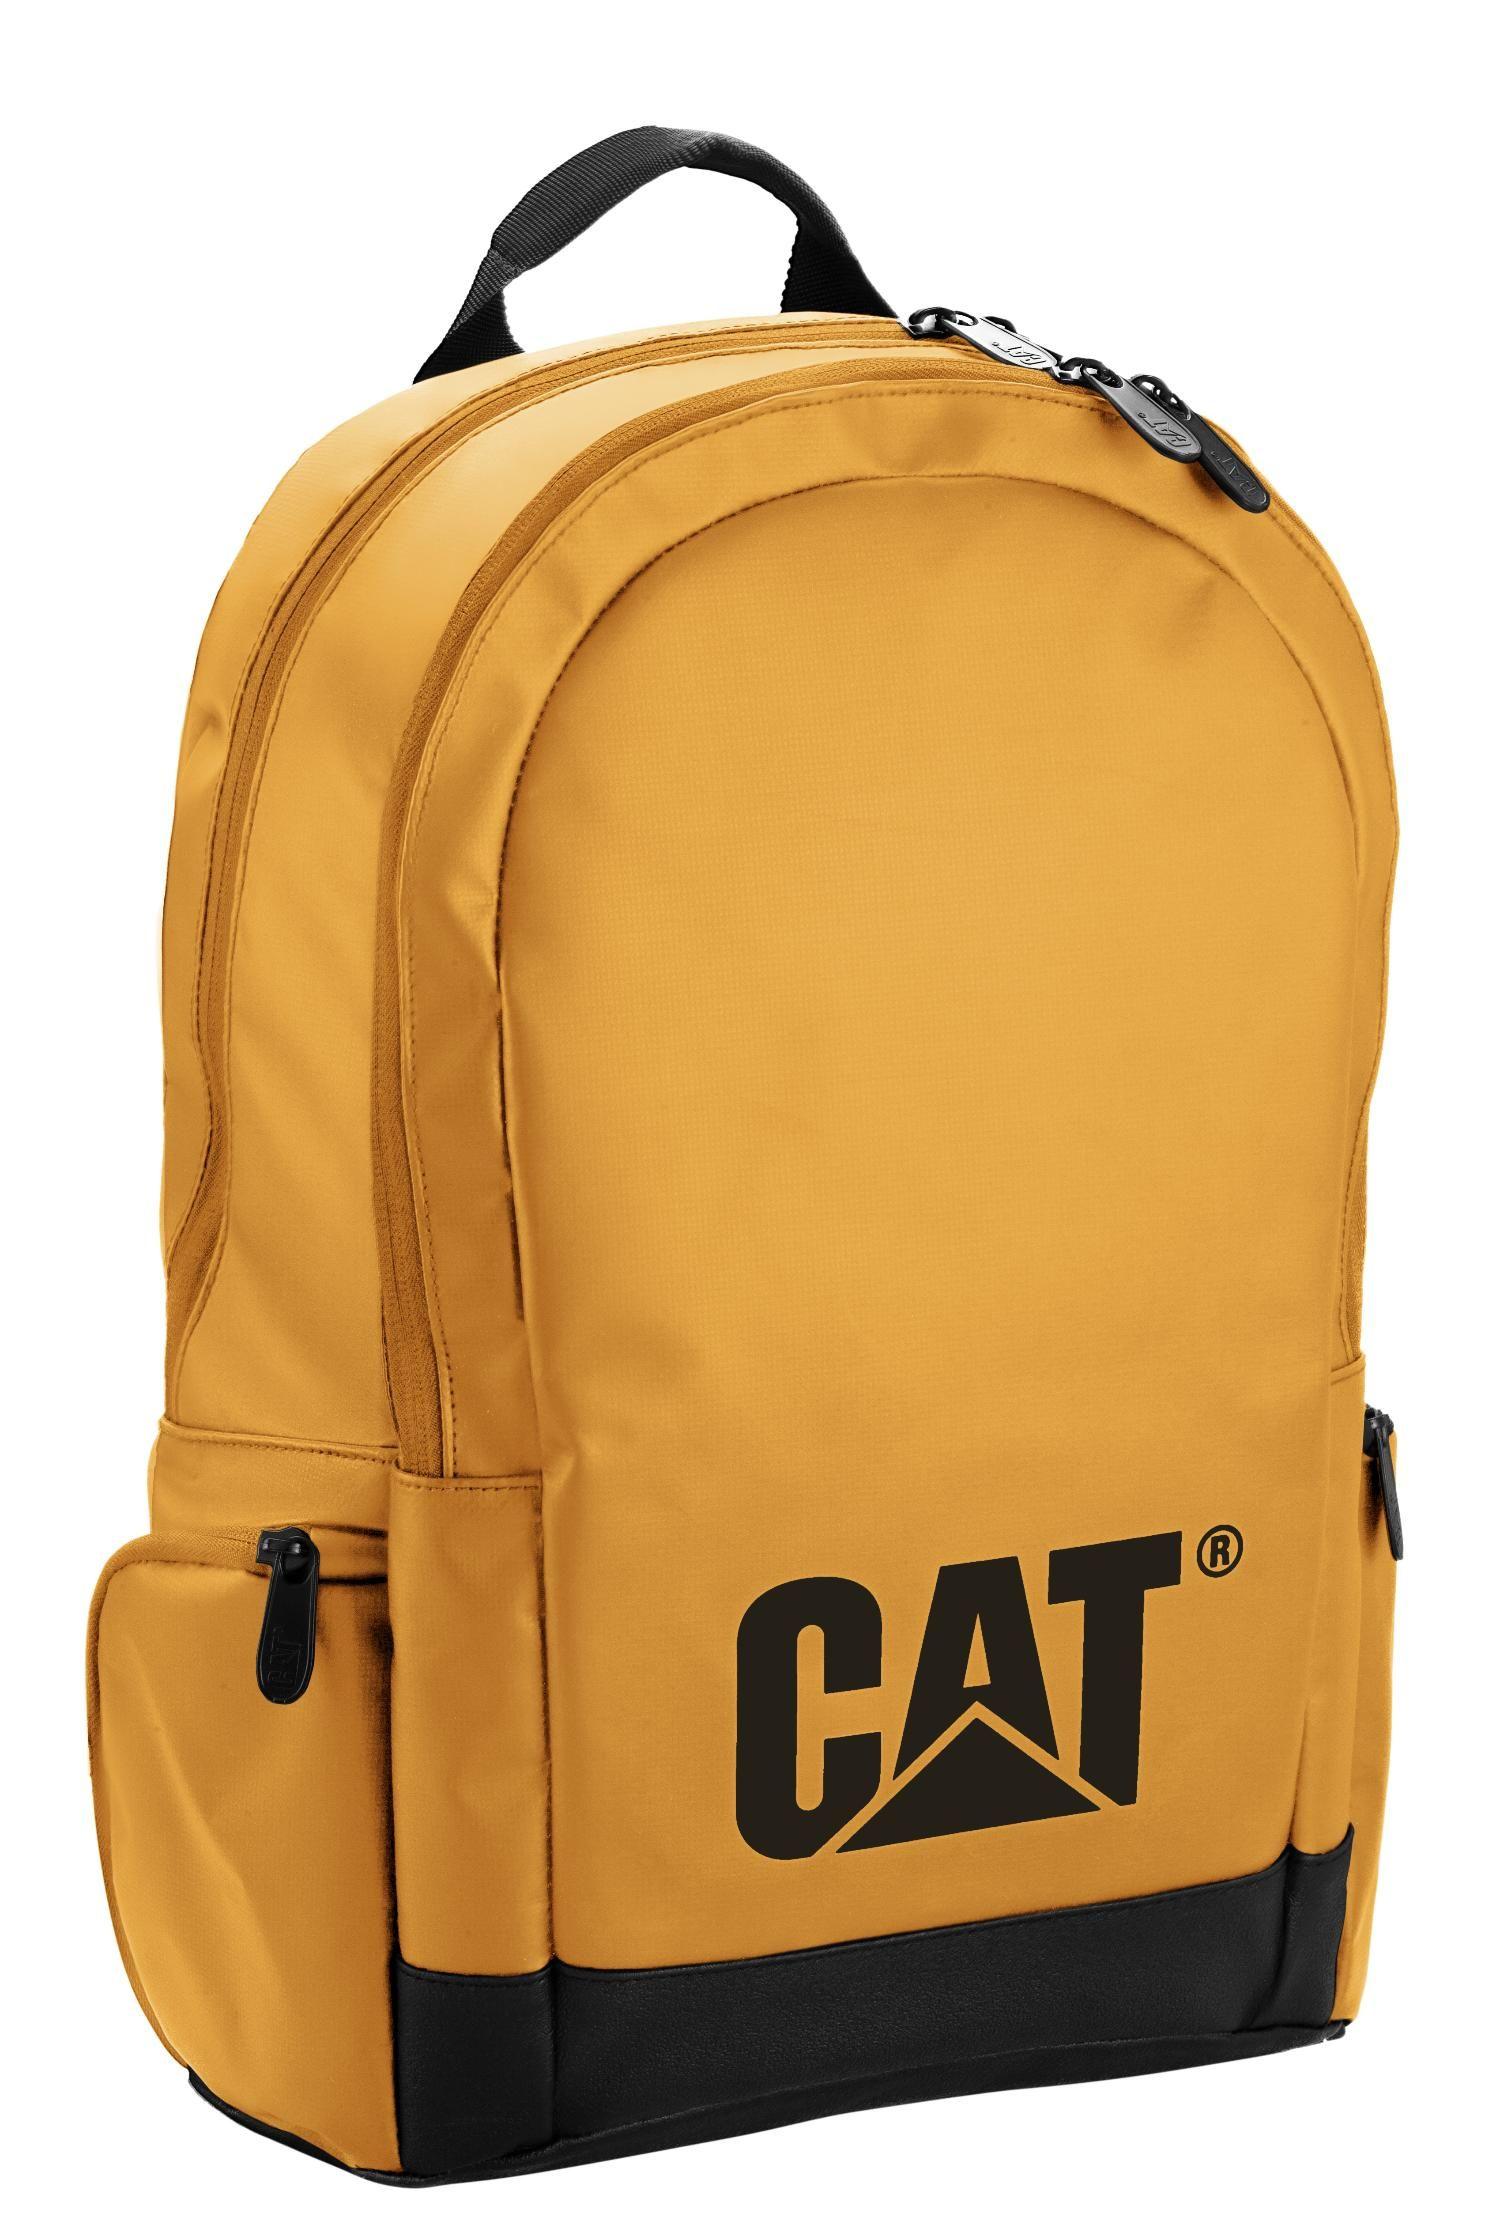 Cat рюкзаки мужские terra рюкзаки discover 55 / 70 / 85 / 100